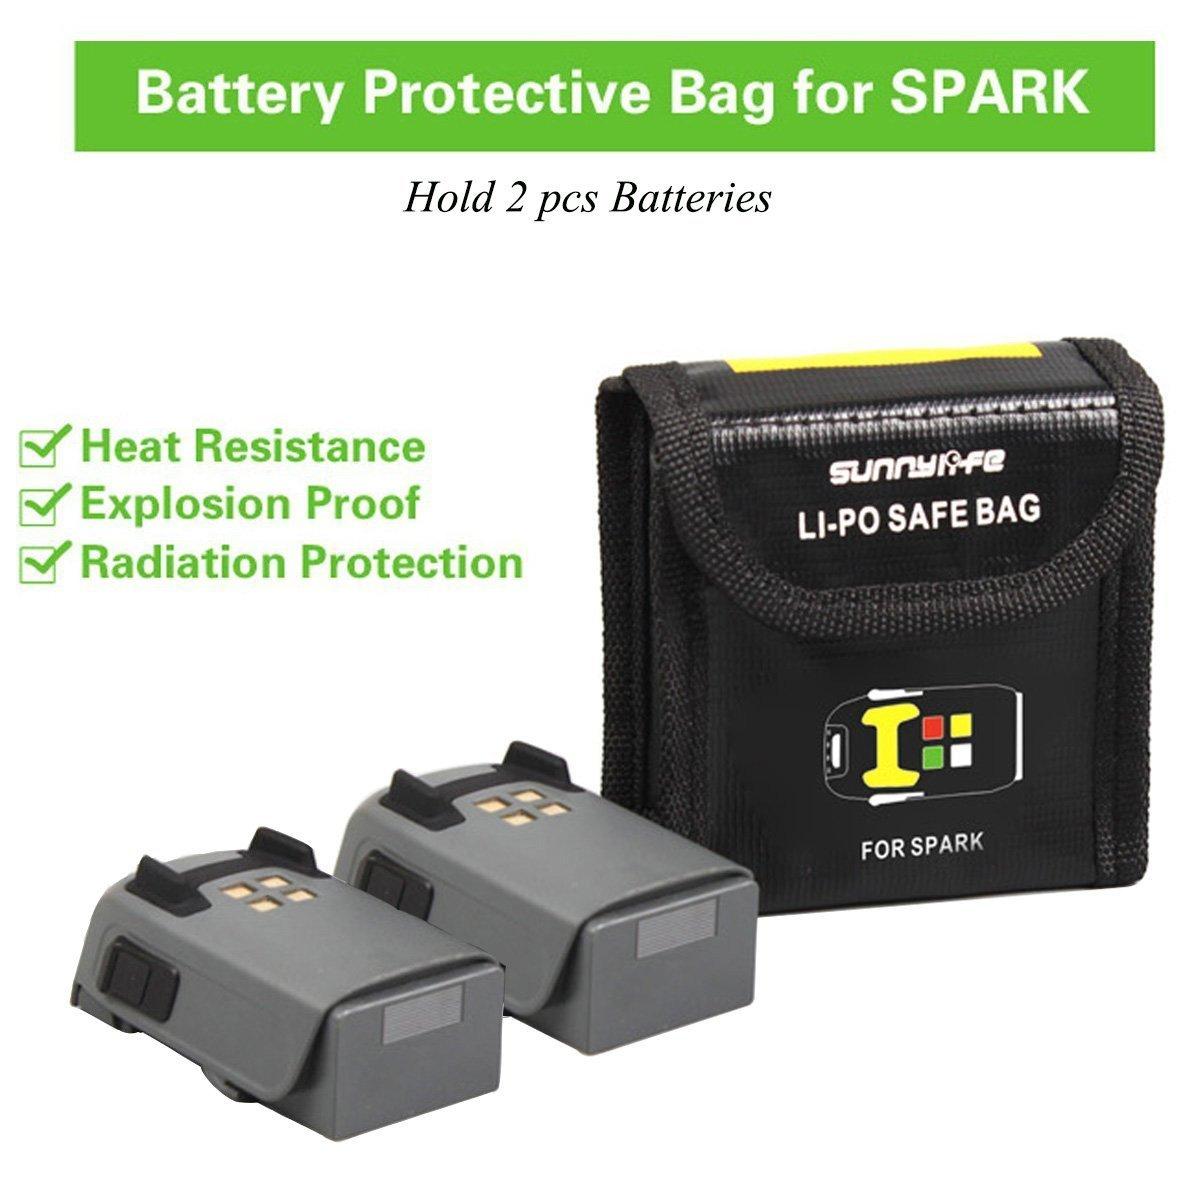 500ec65c1a Batteria Dji Spark Lipo Custodia sicura Protezione antideflagrante  Protezione di sicurezza per DJI Spark Storage Bag Resistente al fuoco da  Crazepony-UK ...